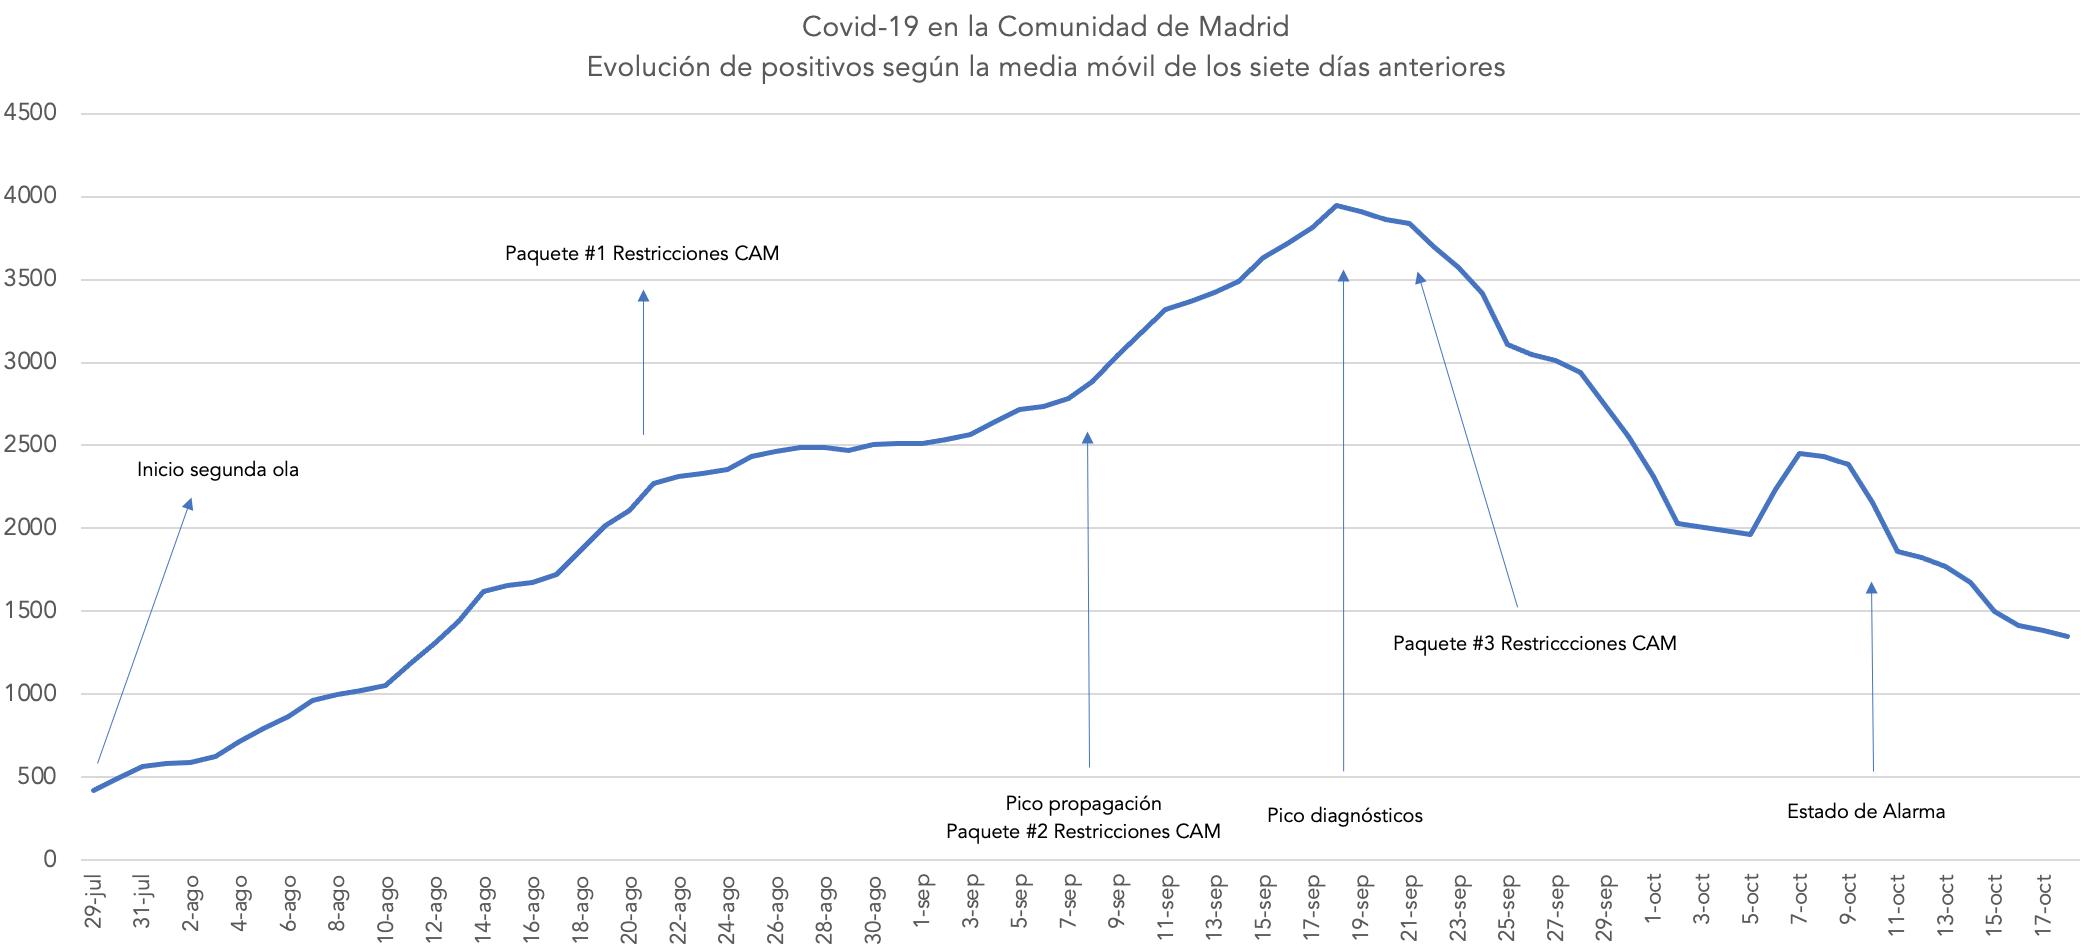 coronavirus-madrid-segunda-ola-restricciones-comunidad-estado-alarma-evolucion-positivos.png